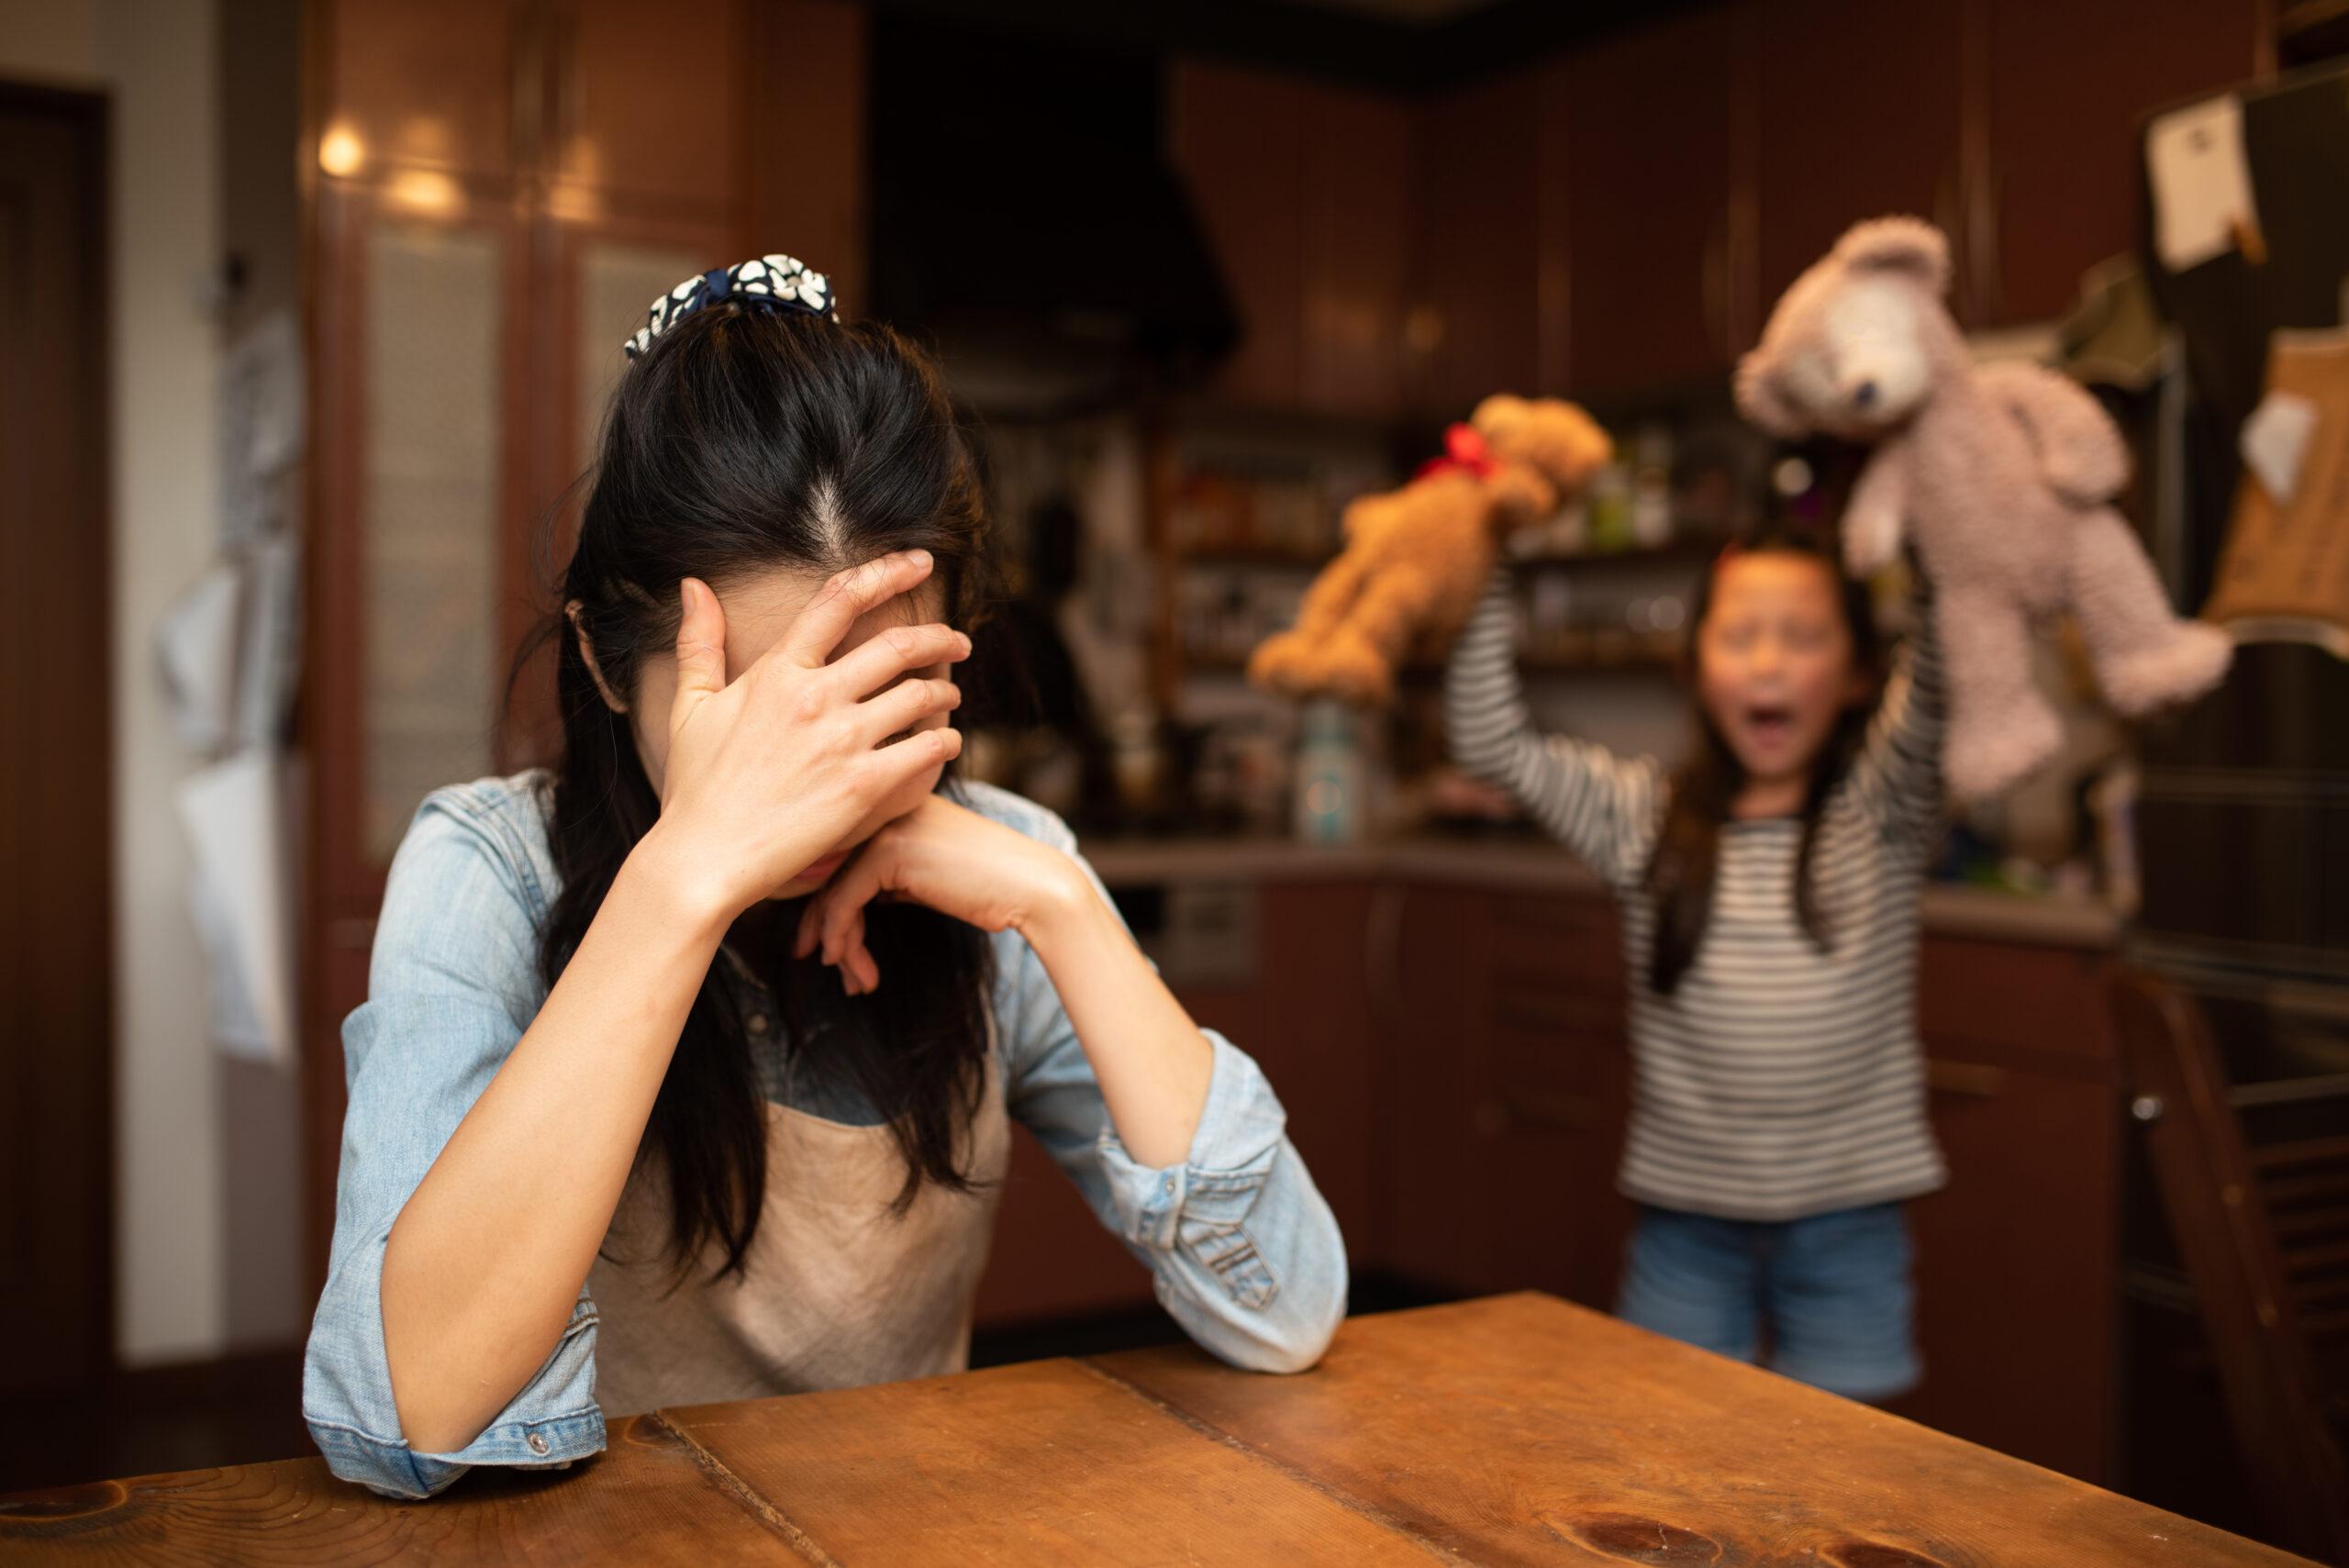 子どもに情緒不安定の兆しを感じたら。悩む前に知っておきたい対処法